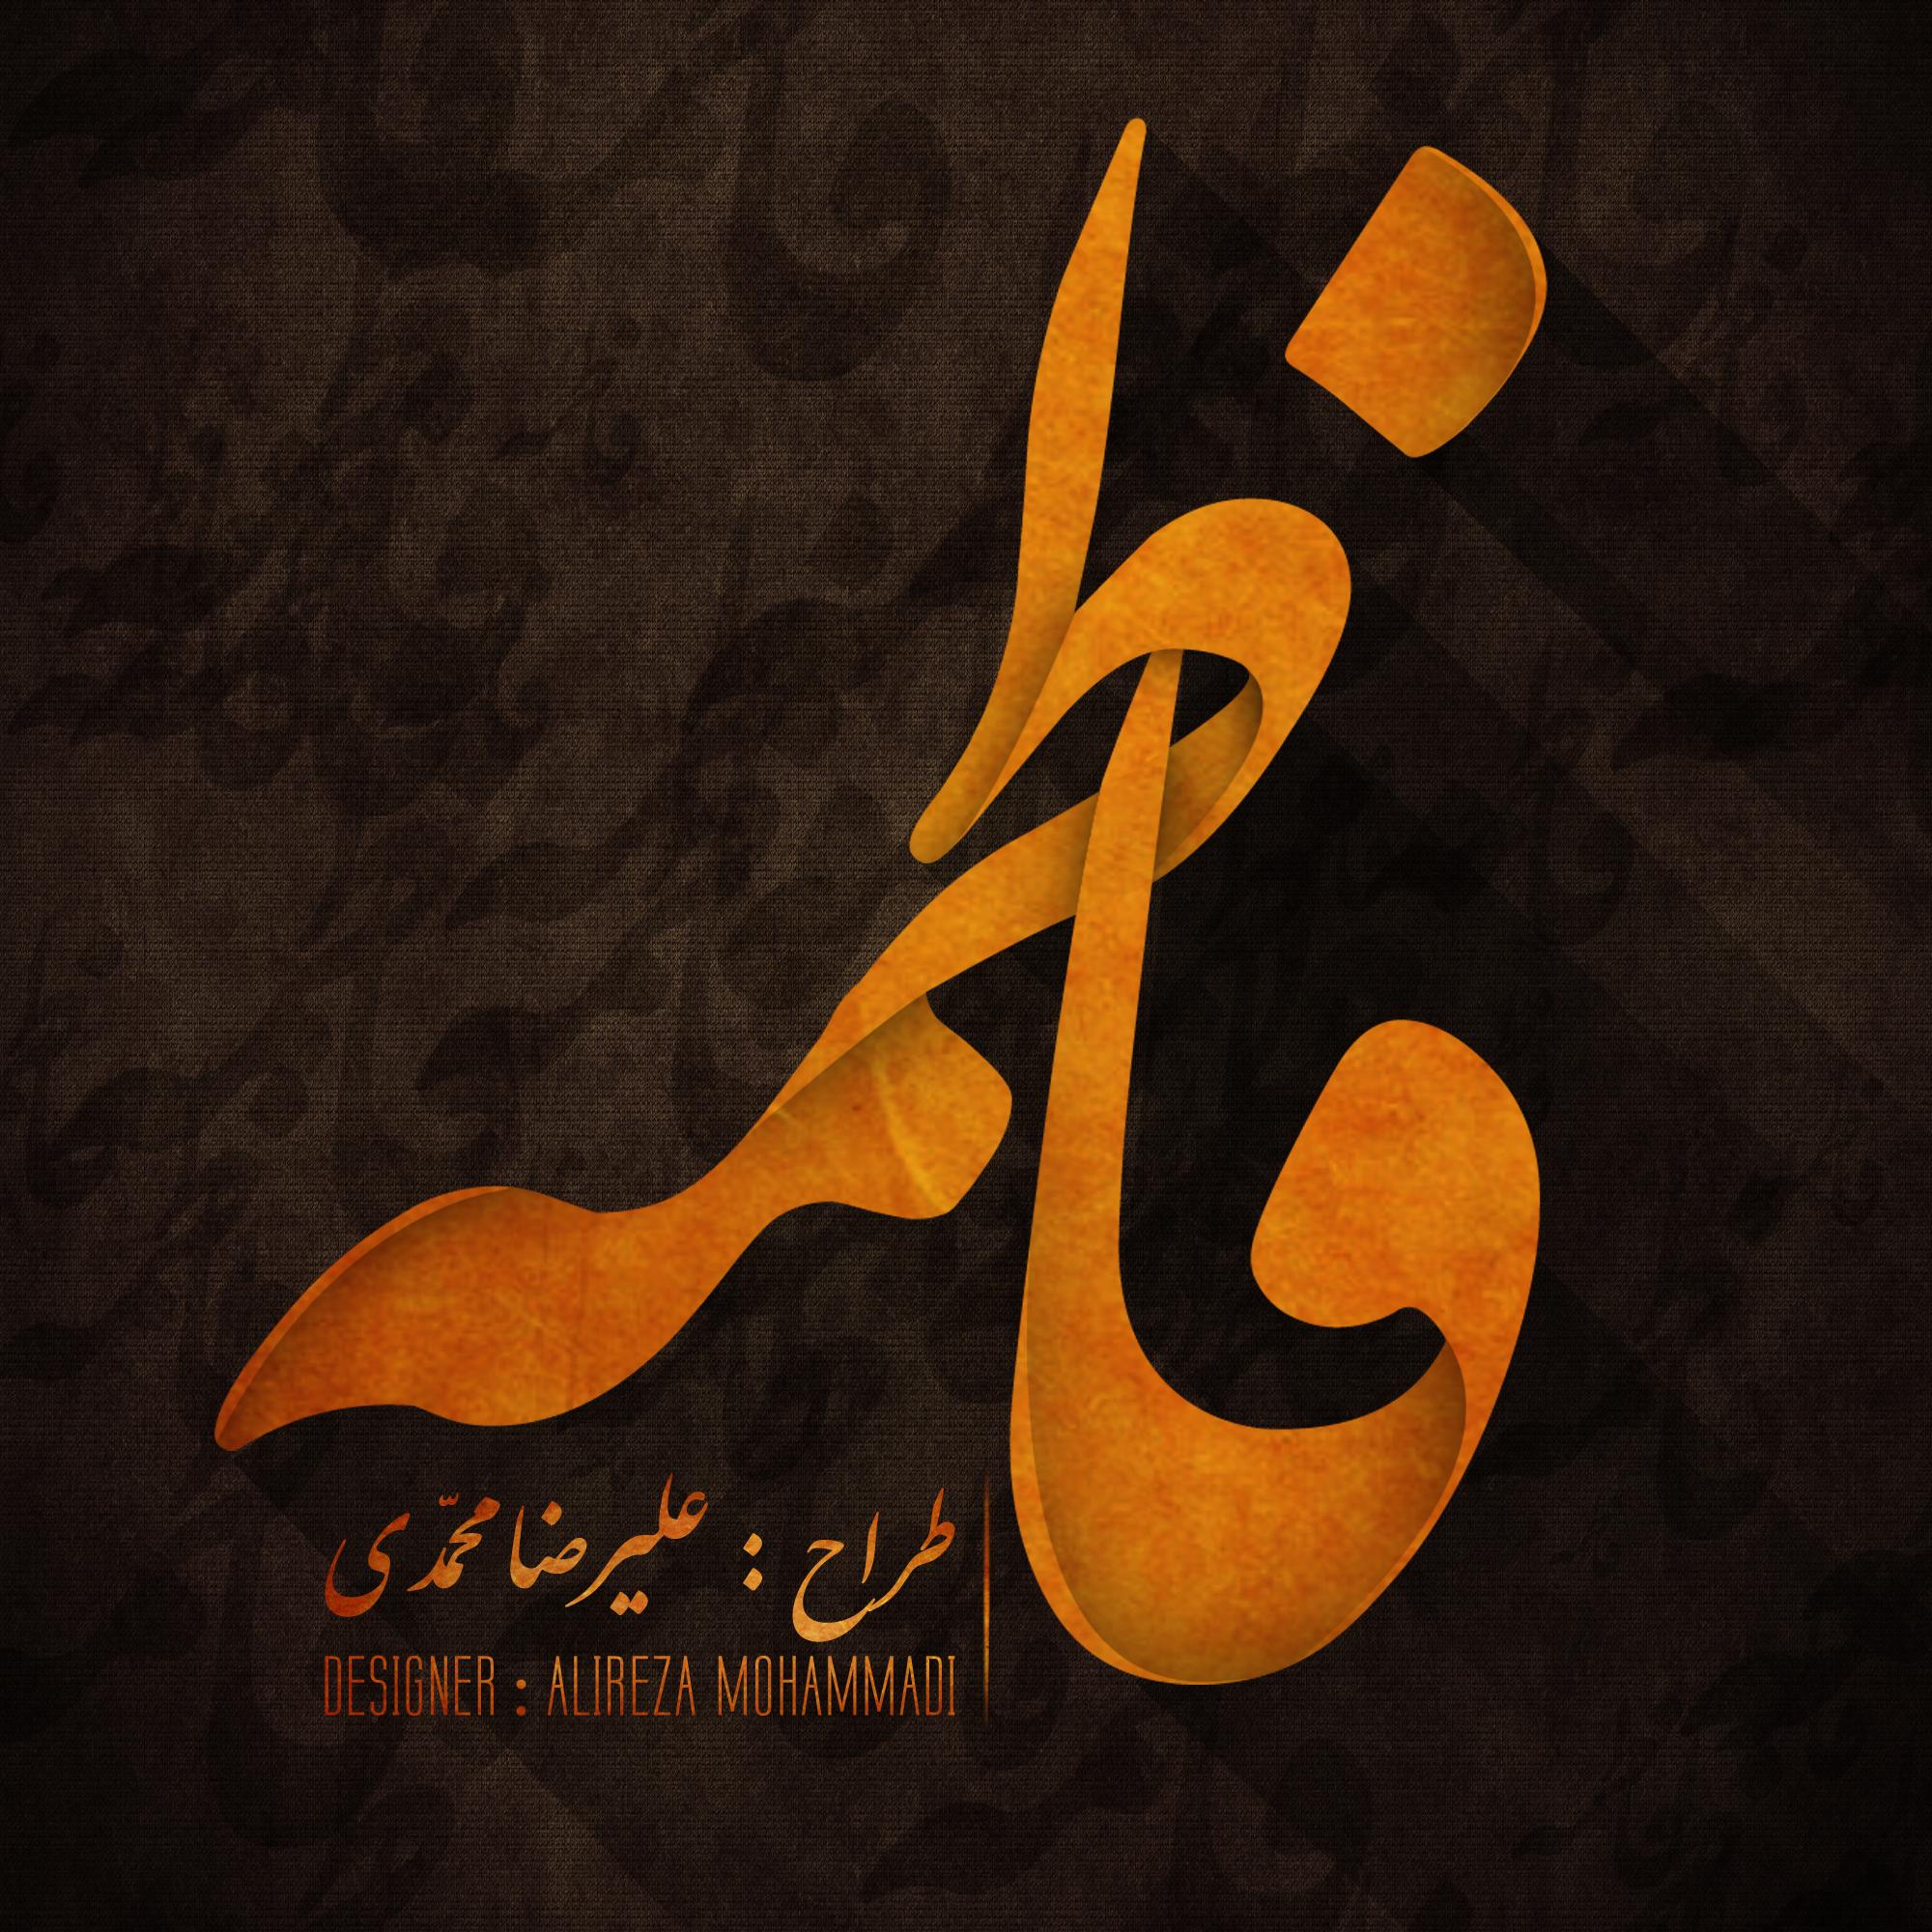 تولد حضرت فاطمه(س)بر همه شیعیان مبارک باد.(اینم خودم با فتوشاپ درست کردم)